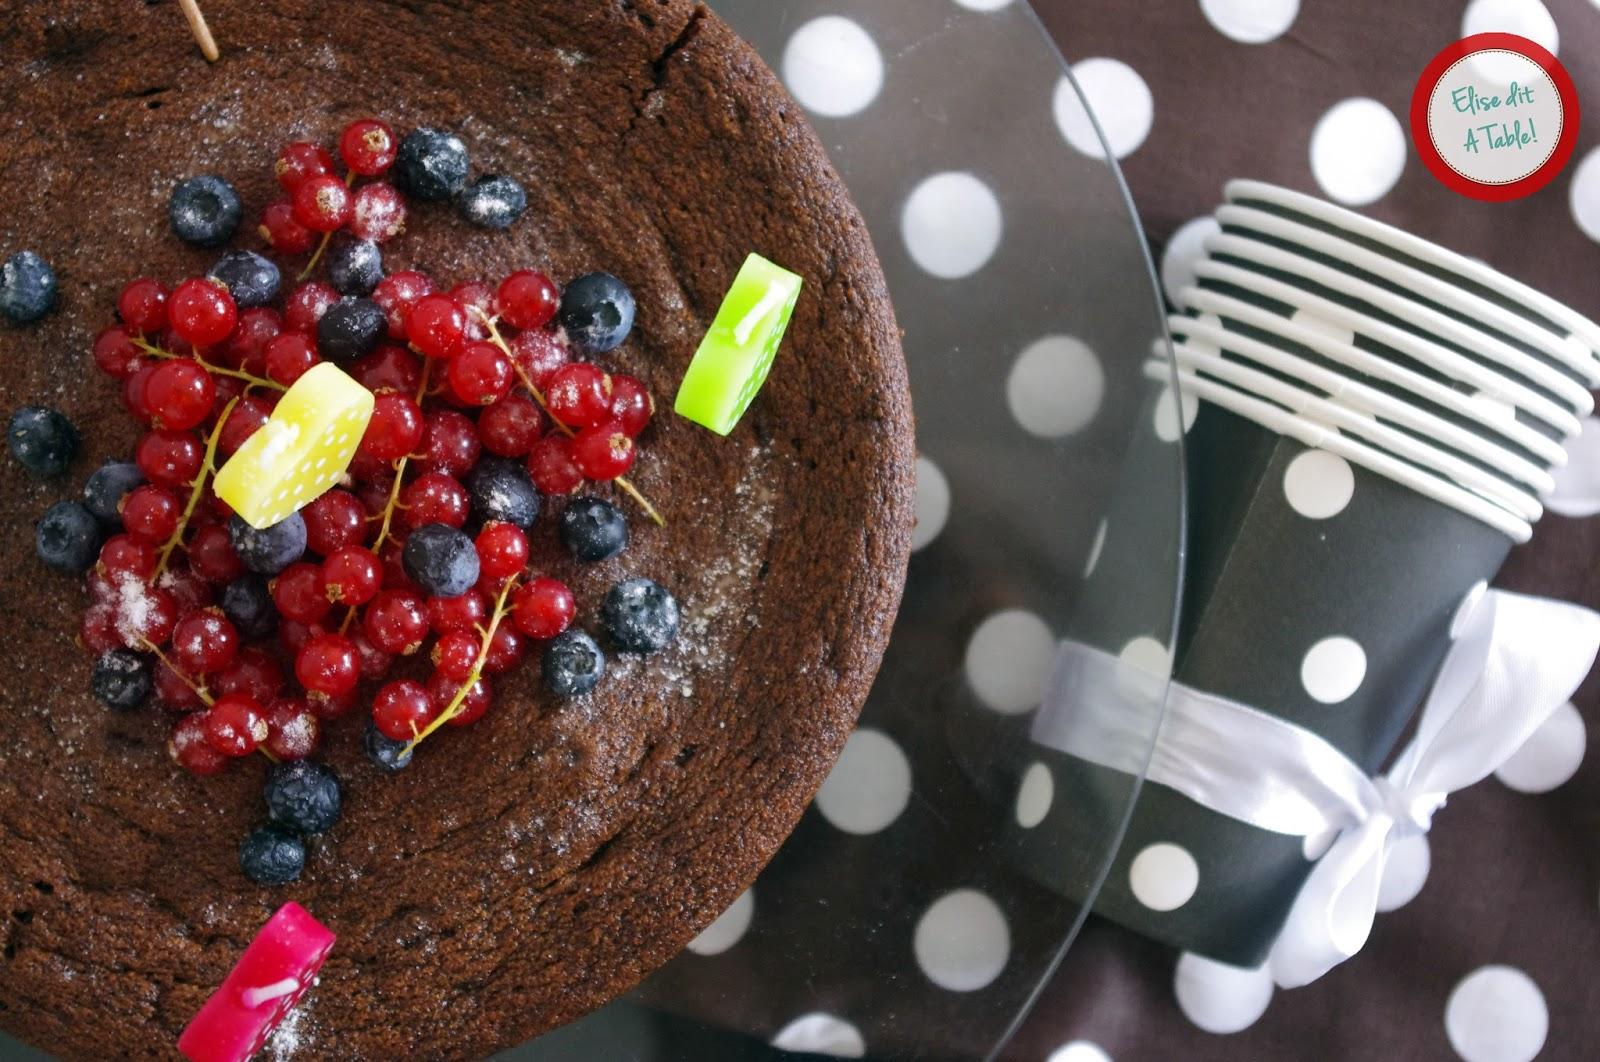 recette Fondant au chocolat et fruits rouges